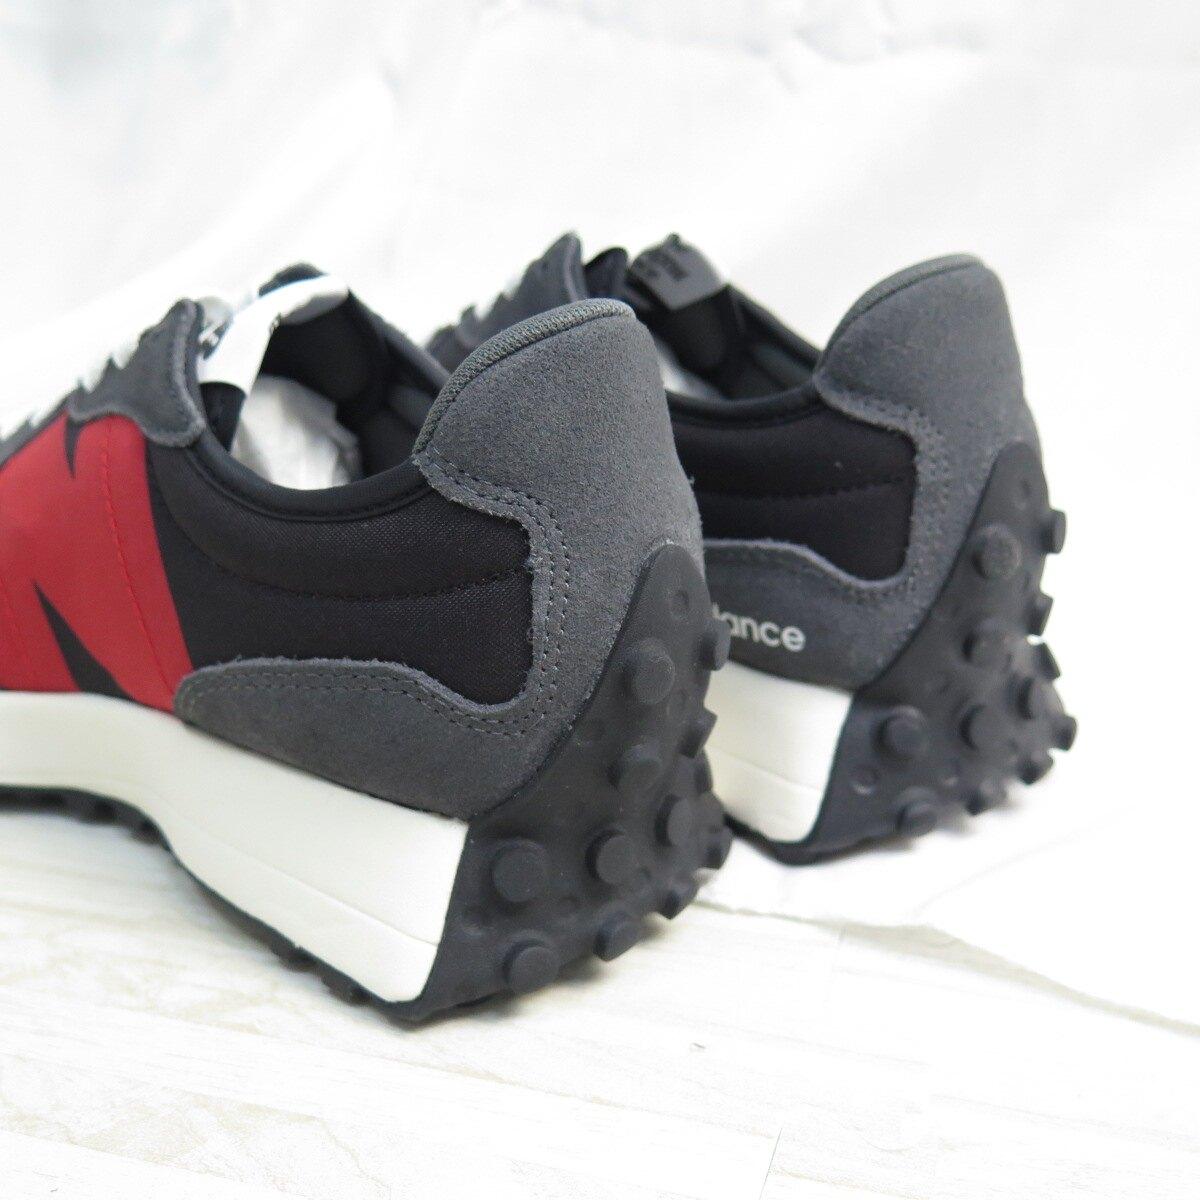 New Balance 327 男款 復古休閒鞋 運動鞋 公司貨 MS327FF 灰紅黑【iSport愛運動】